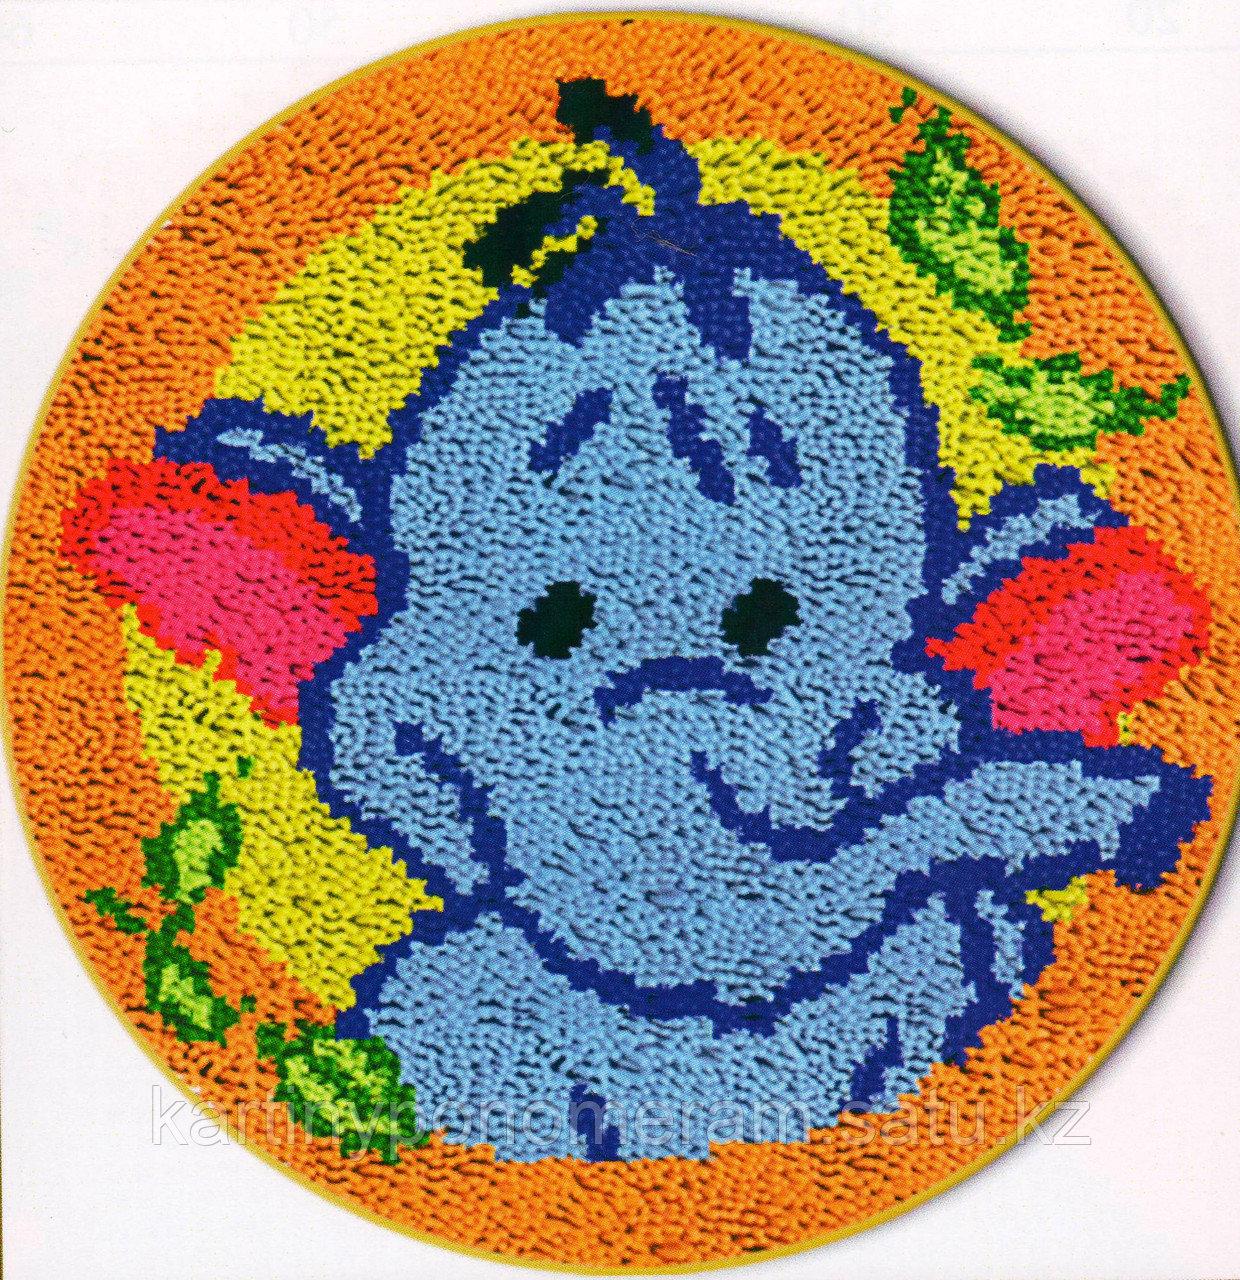 Вышивка в ковровой технике ZD014, 52x52см